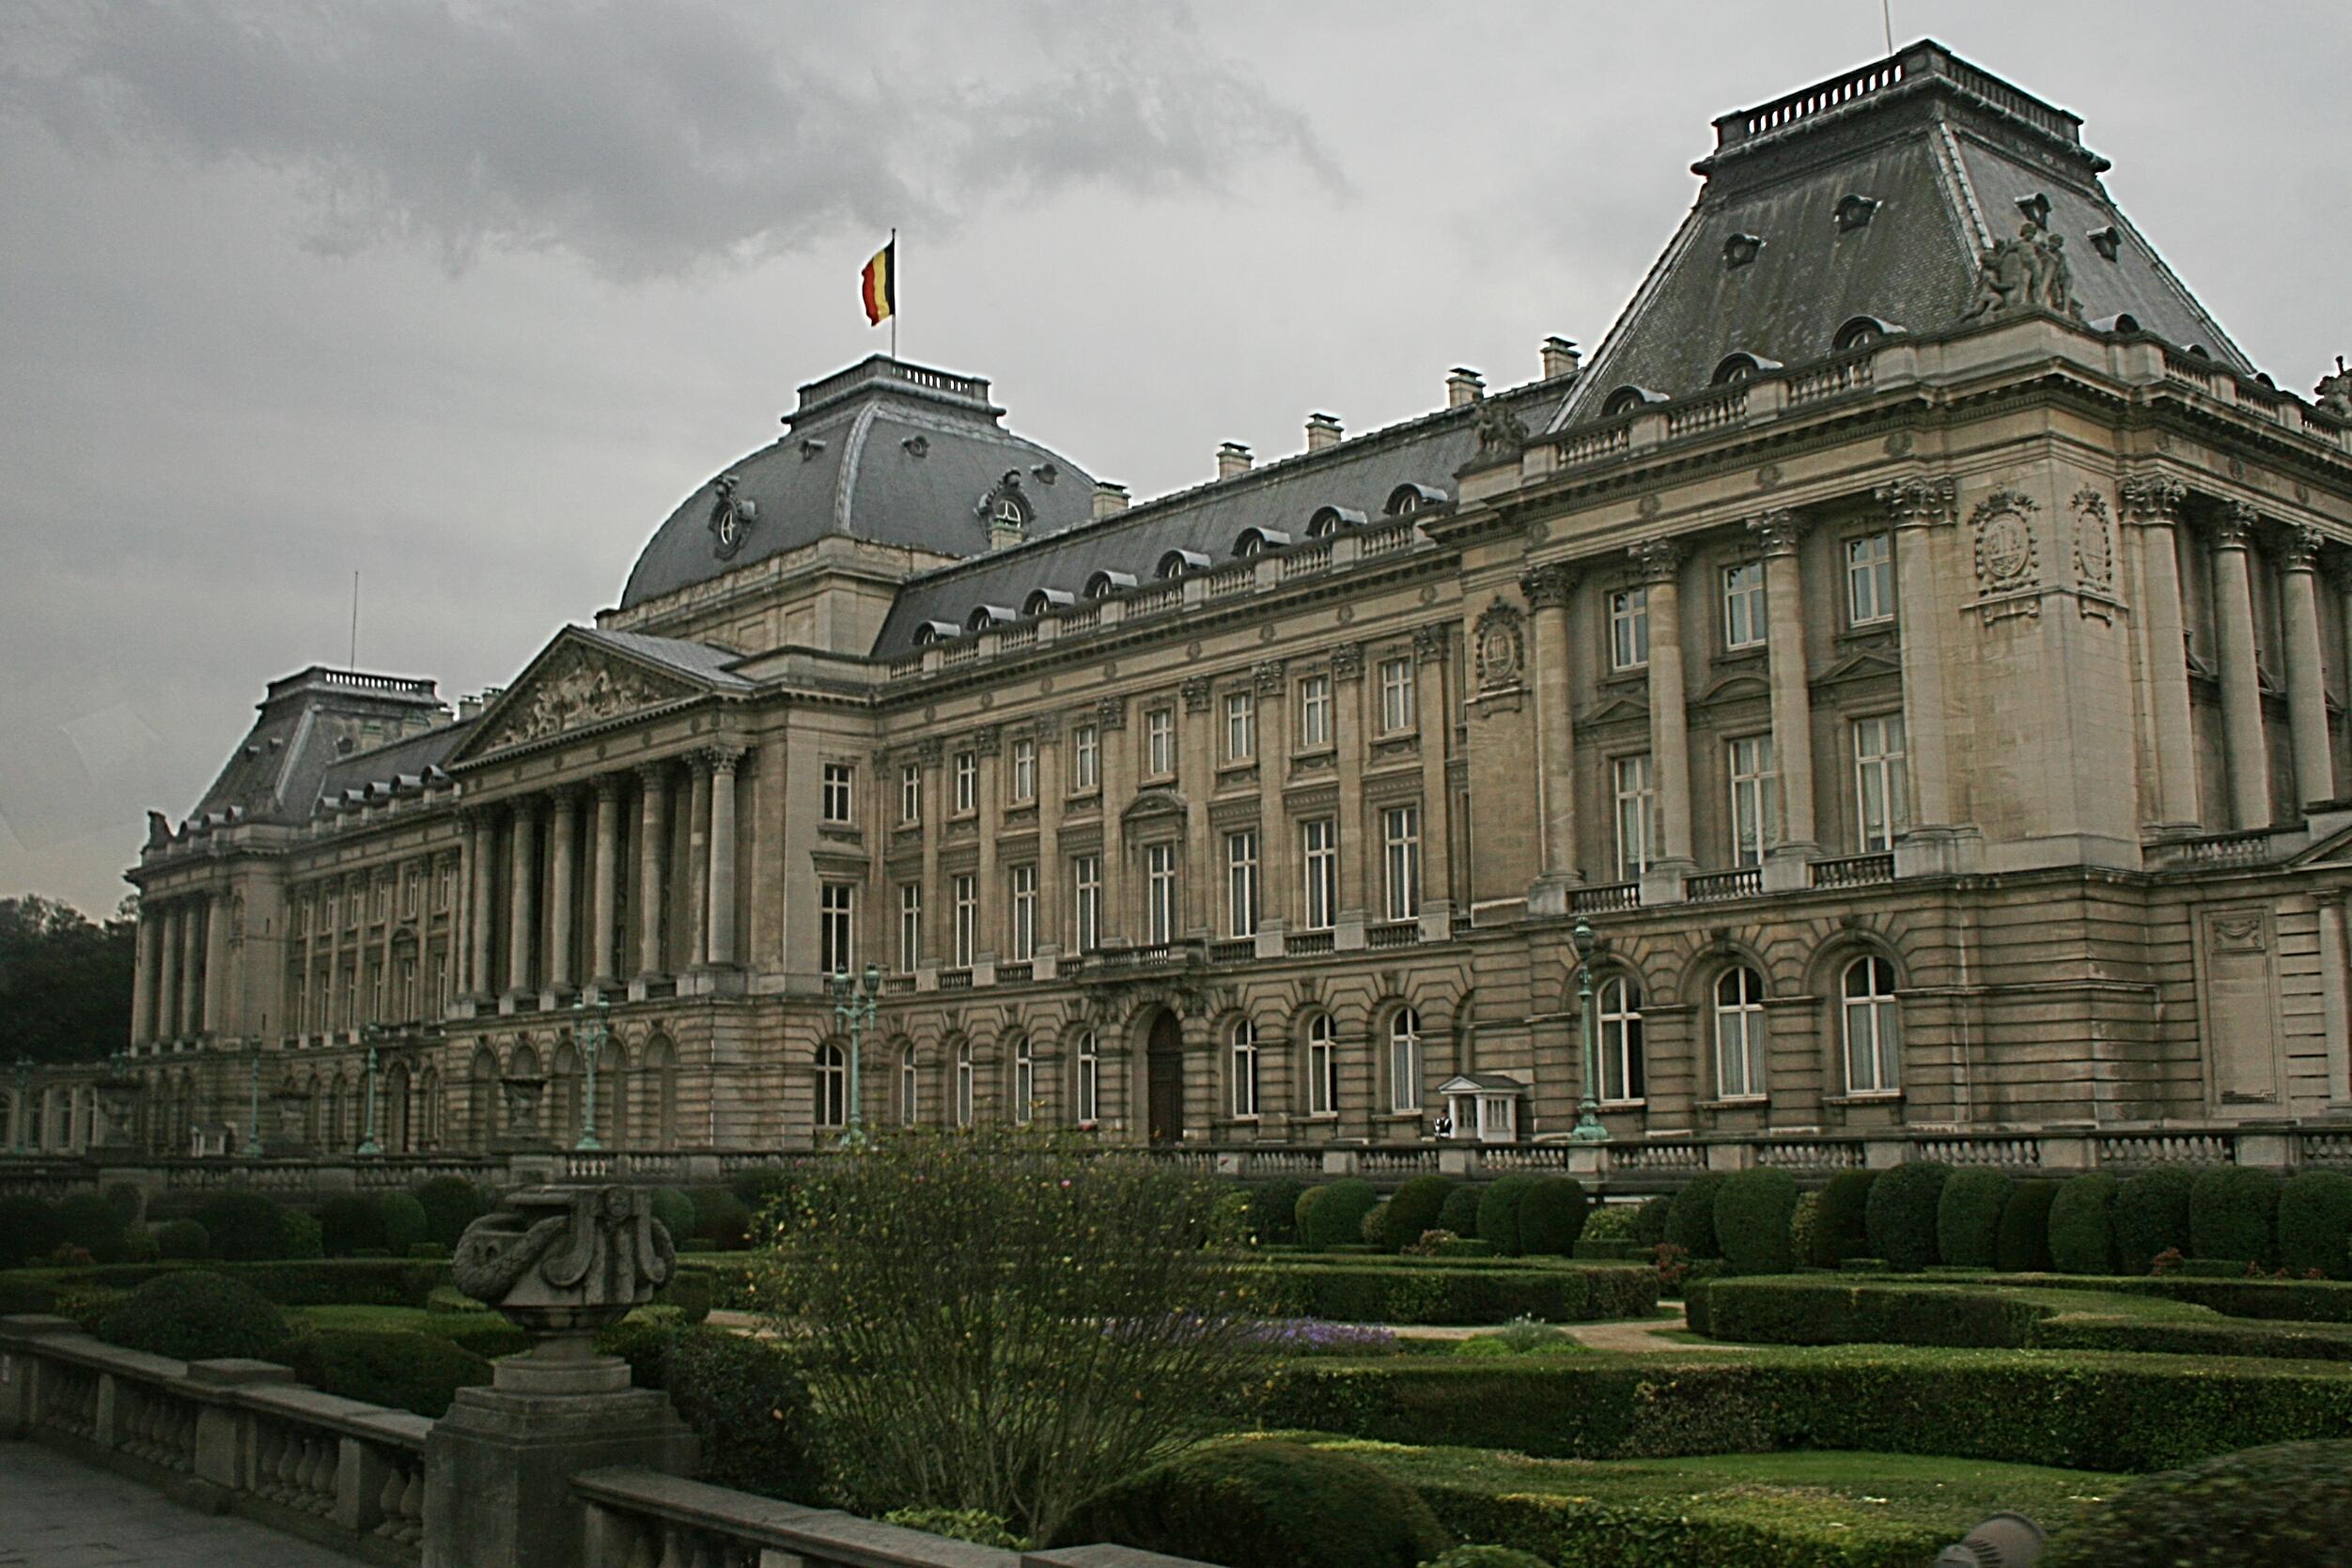 Palacio Real de Bruselas - Wikipedia, la enciclopedia libre